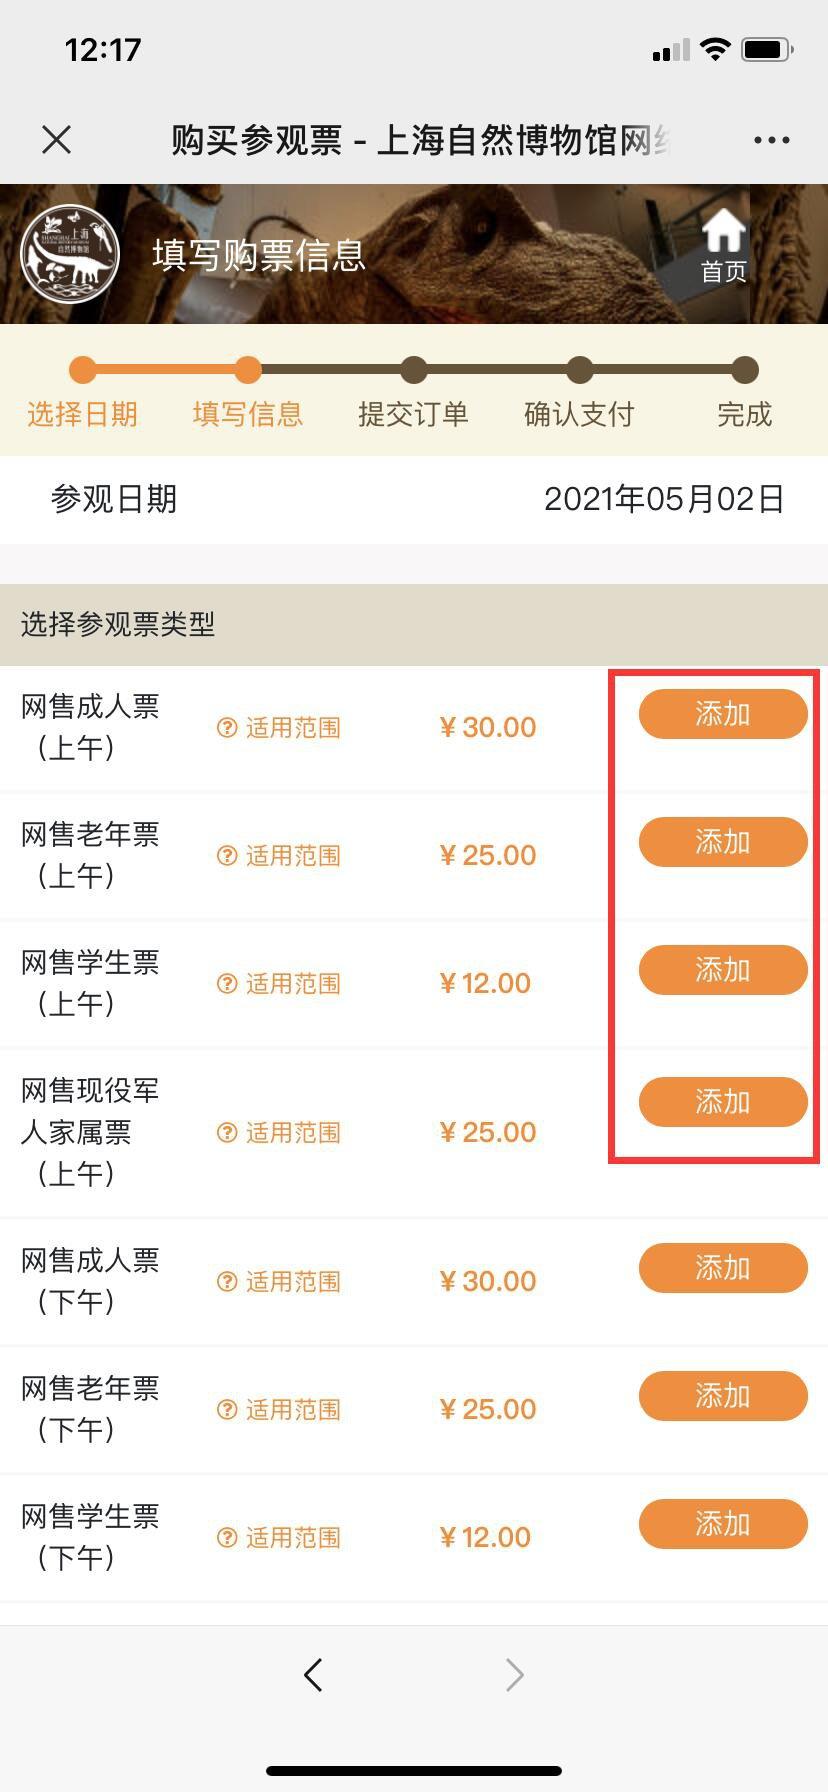 上海自然博物馆网上预约方式+接待人数